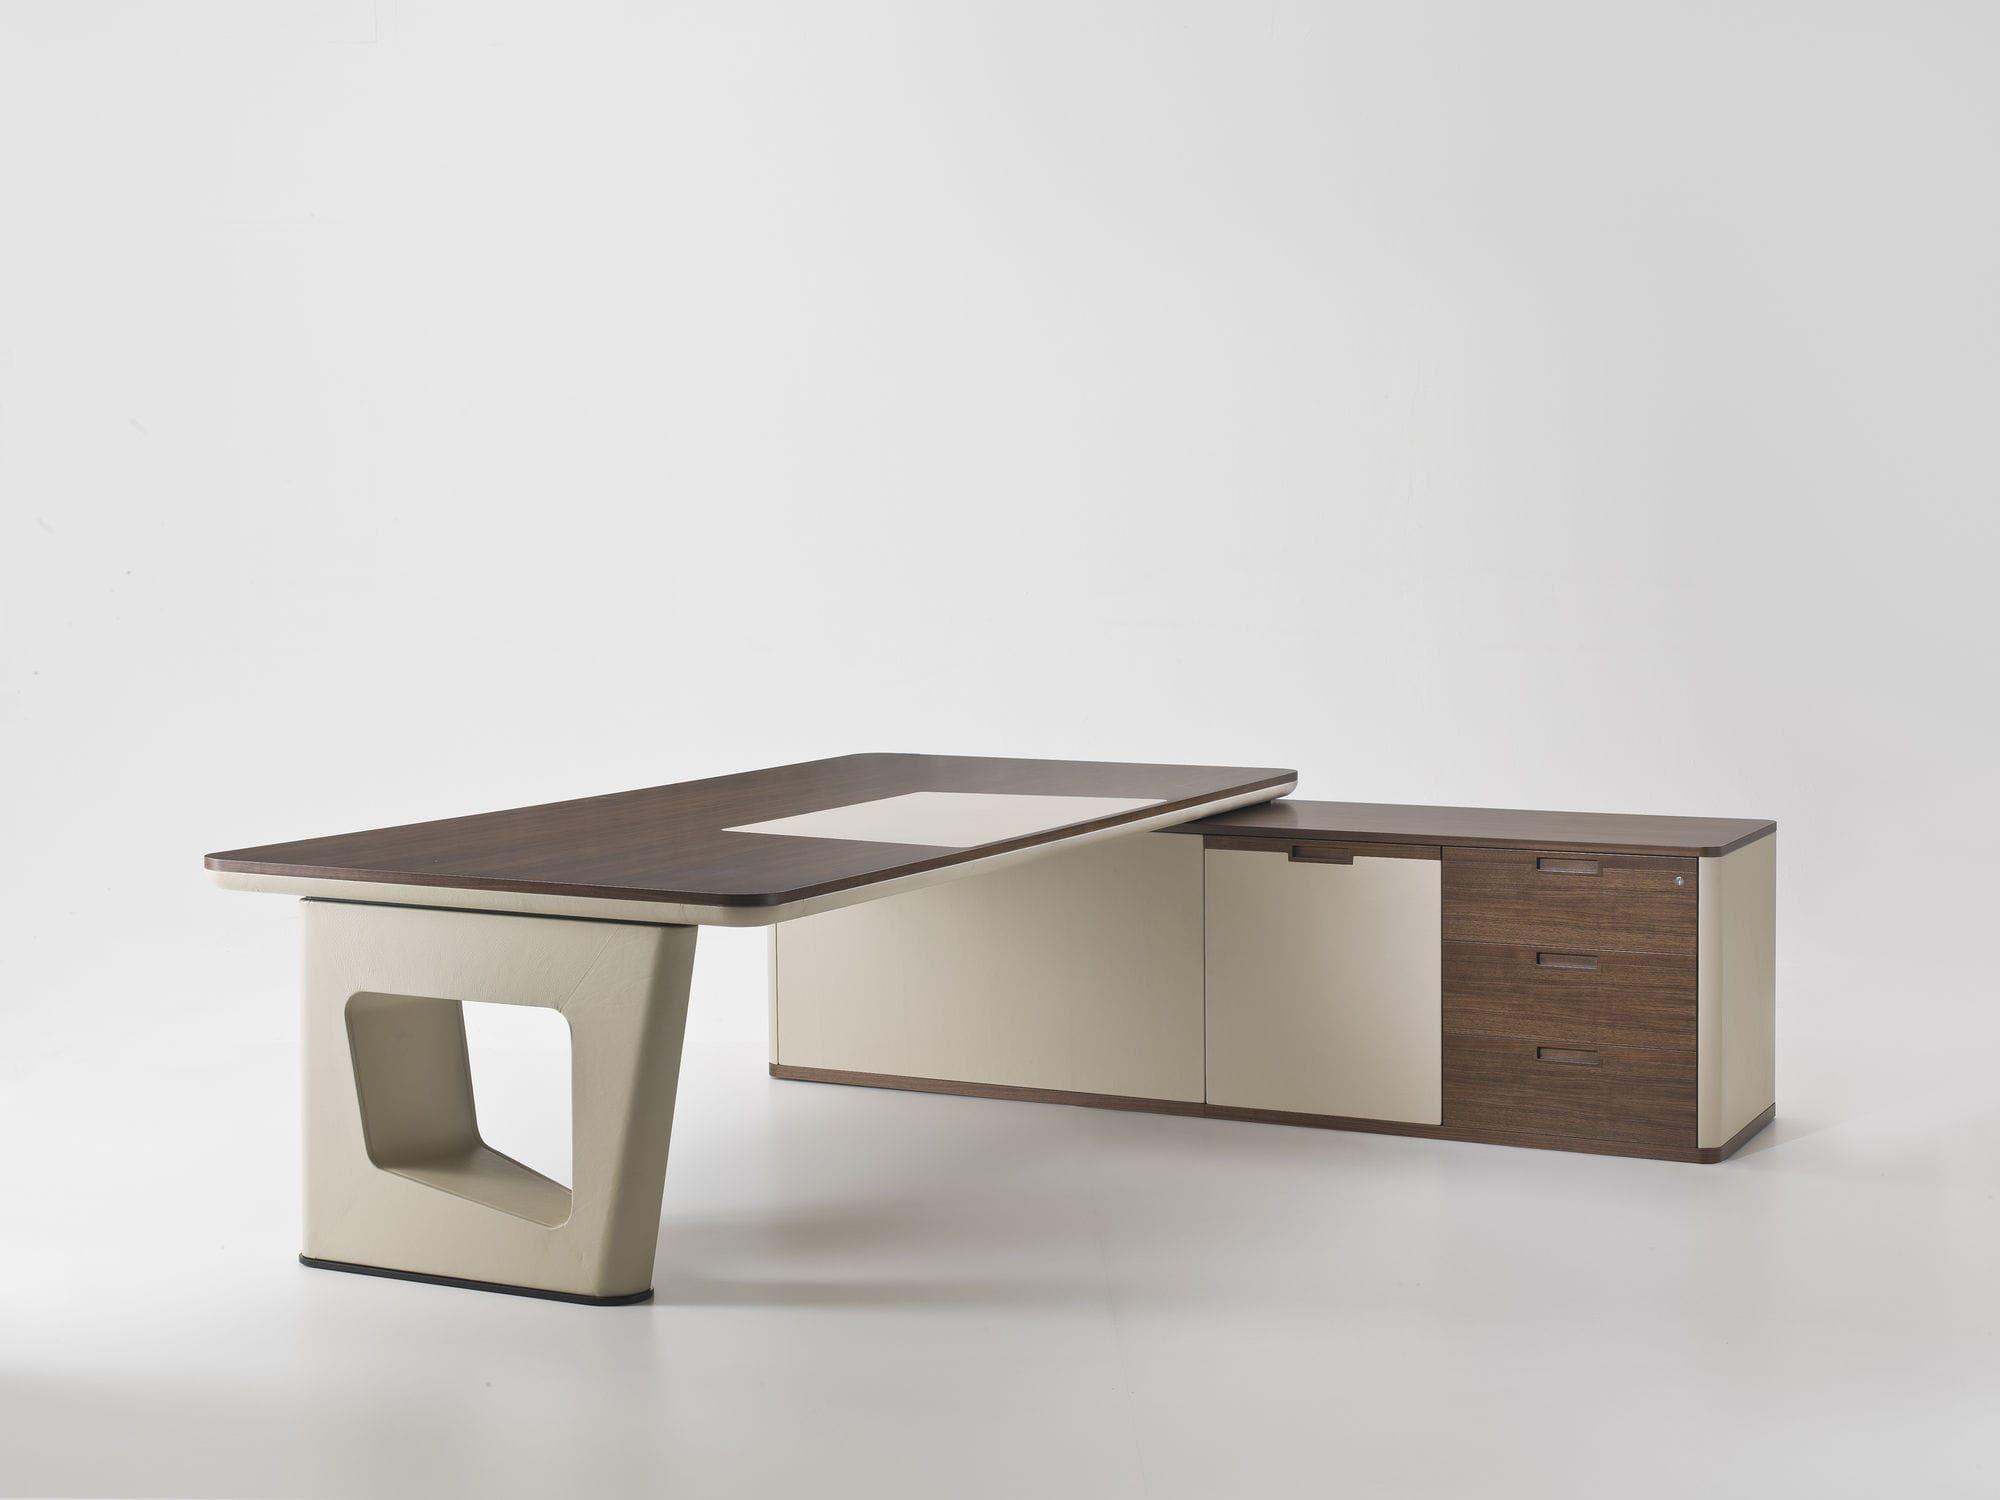 billig schreibtisch mit ecke desk pinterest schreibtisch buero und b ros. Black Bedroom Furniture Sets. Home Design Ideas